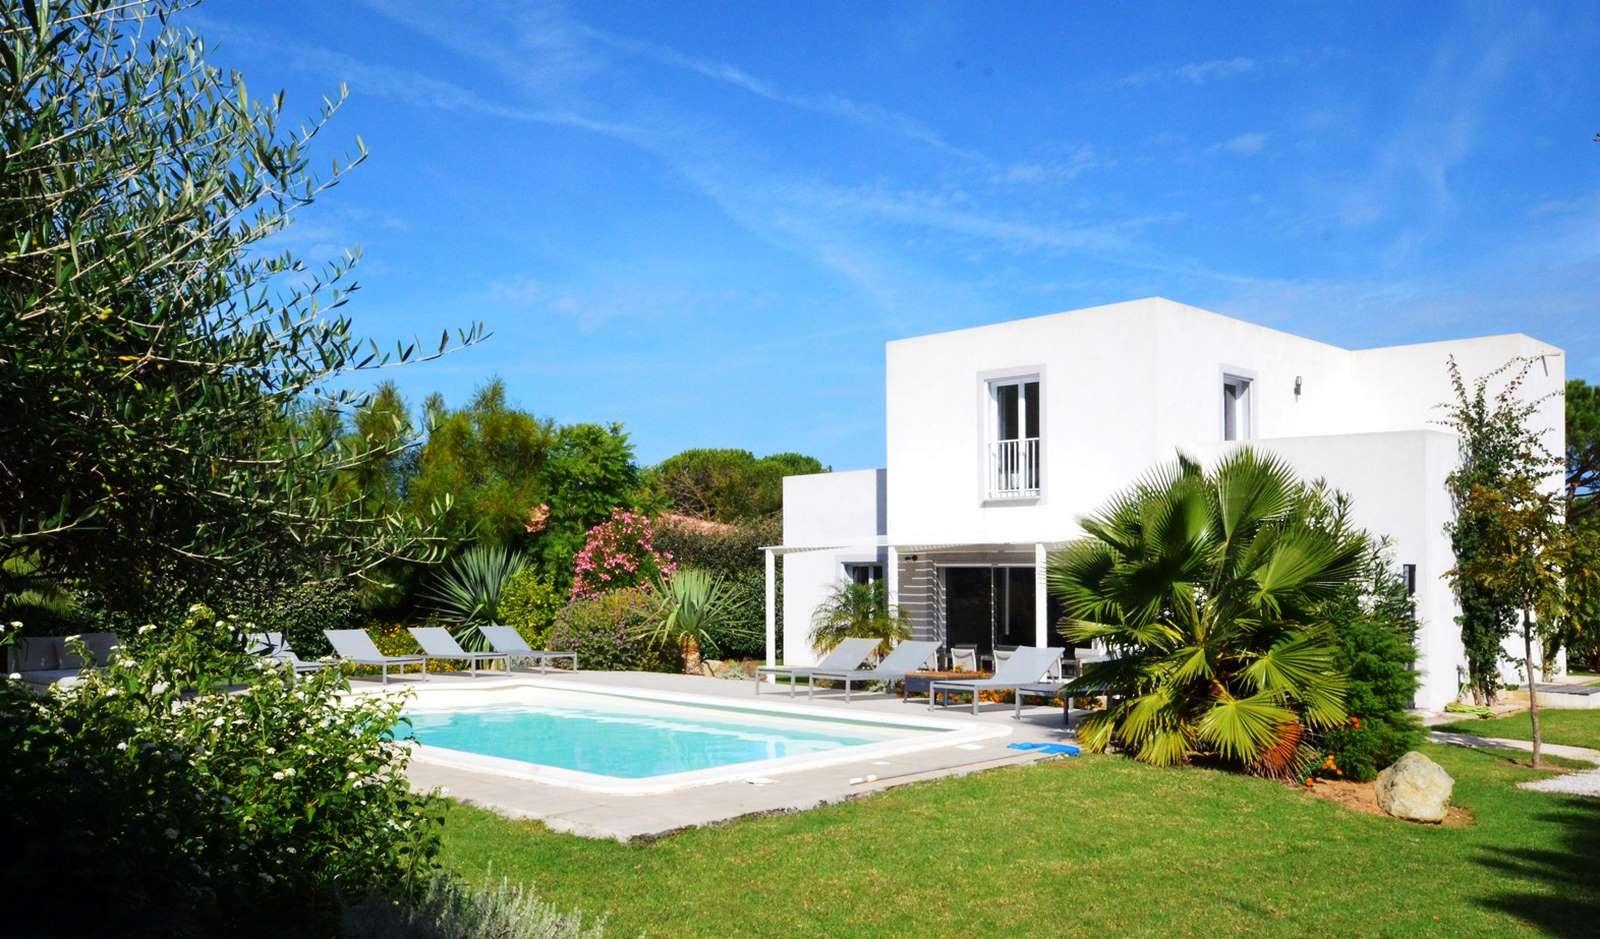 Vente maison : Ce que je pense des agences immobilières pour la vente